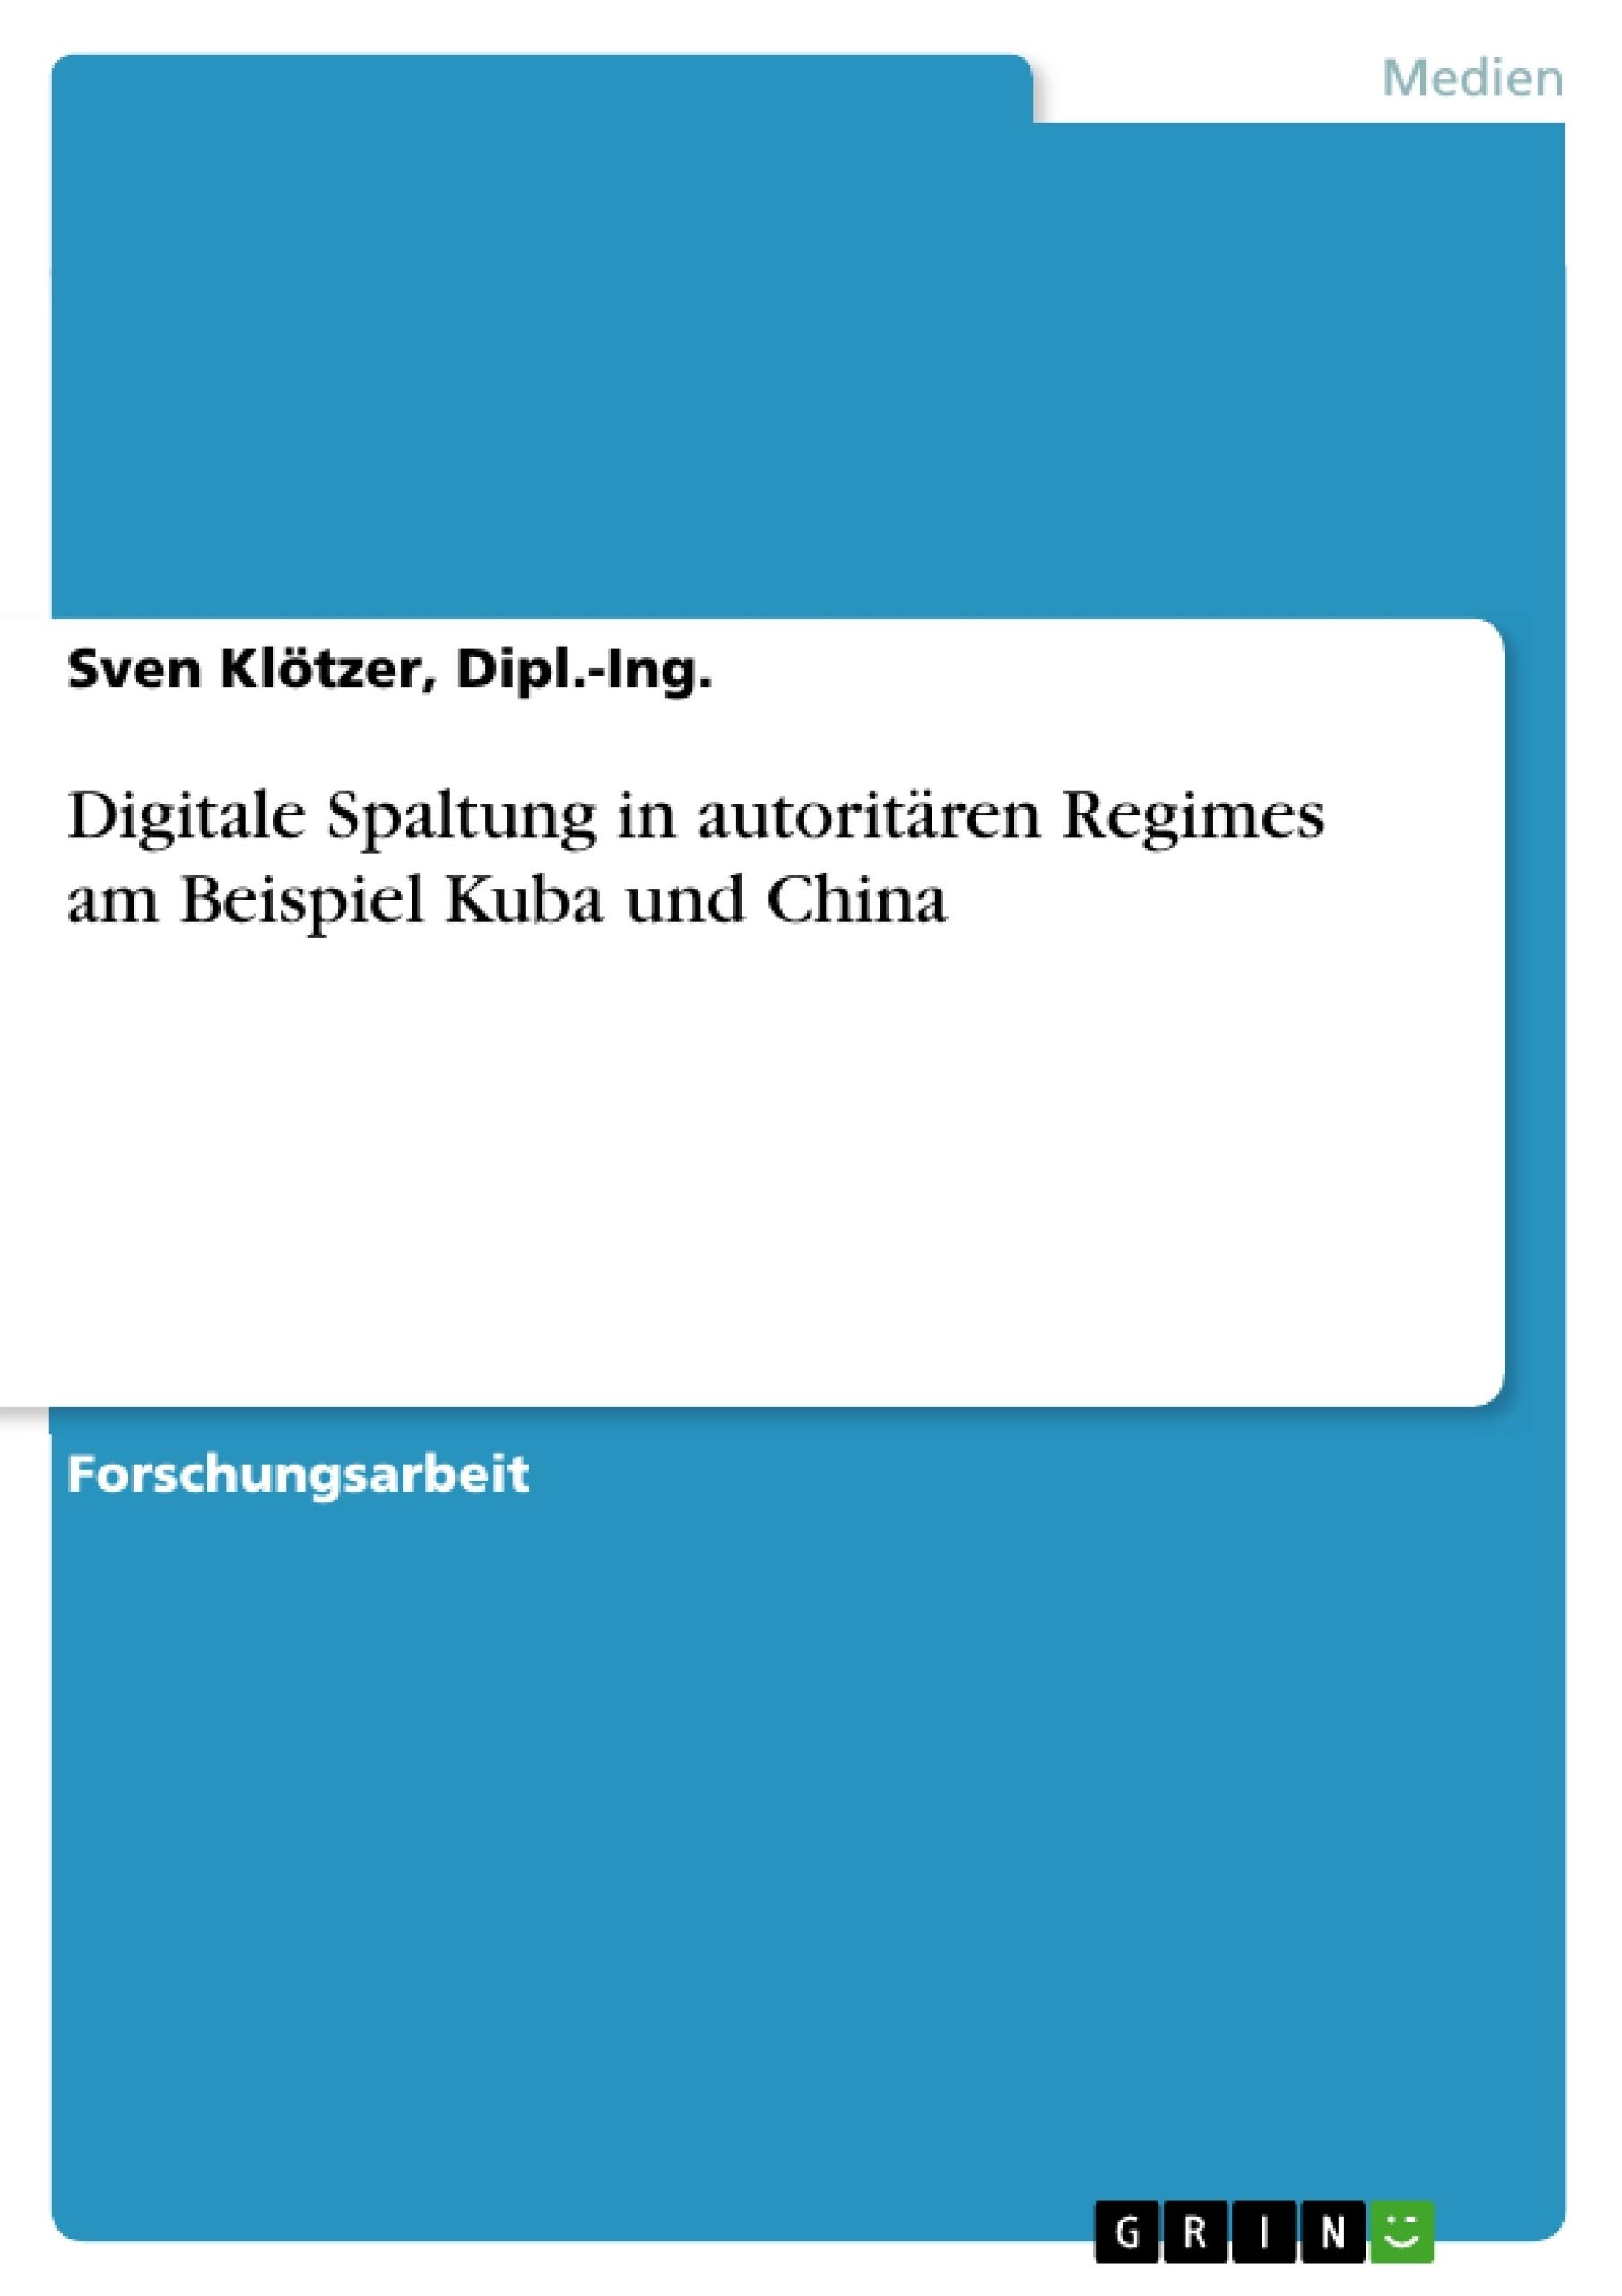 Titel: Digitale Spaltung in autoritären Regimes am Beispiel Kuba und China